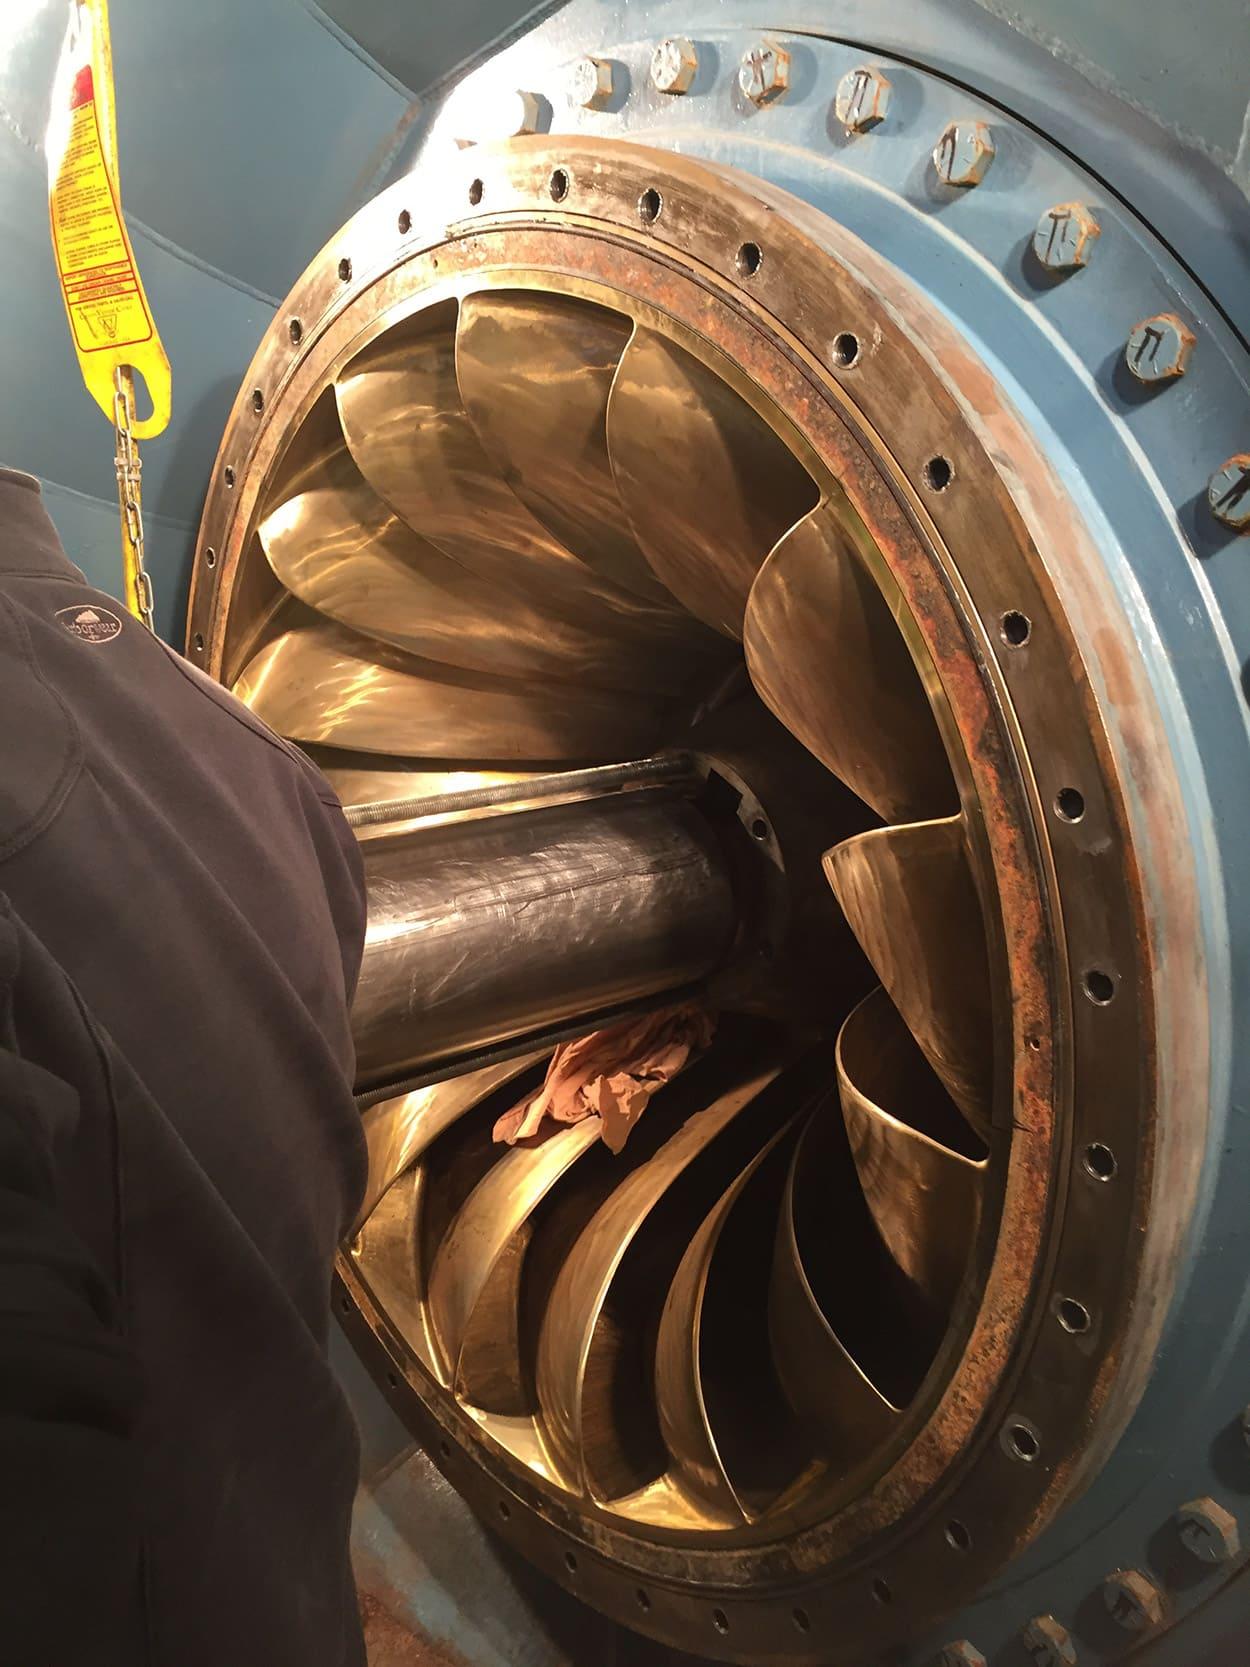 MCWRA Nacimento Turbine 4